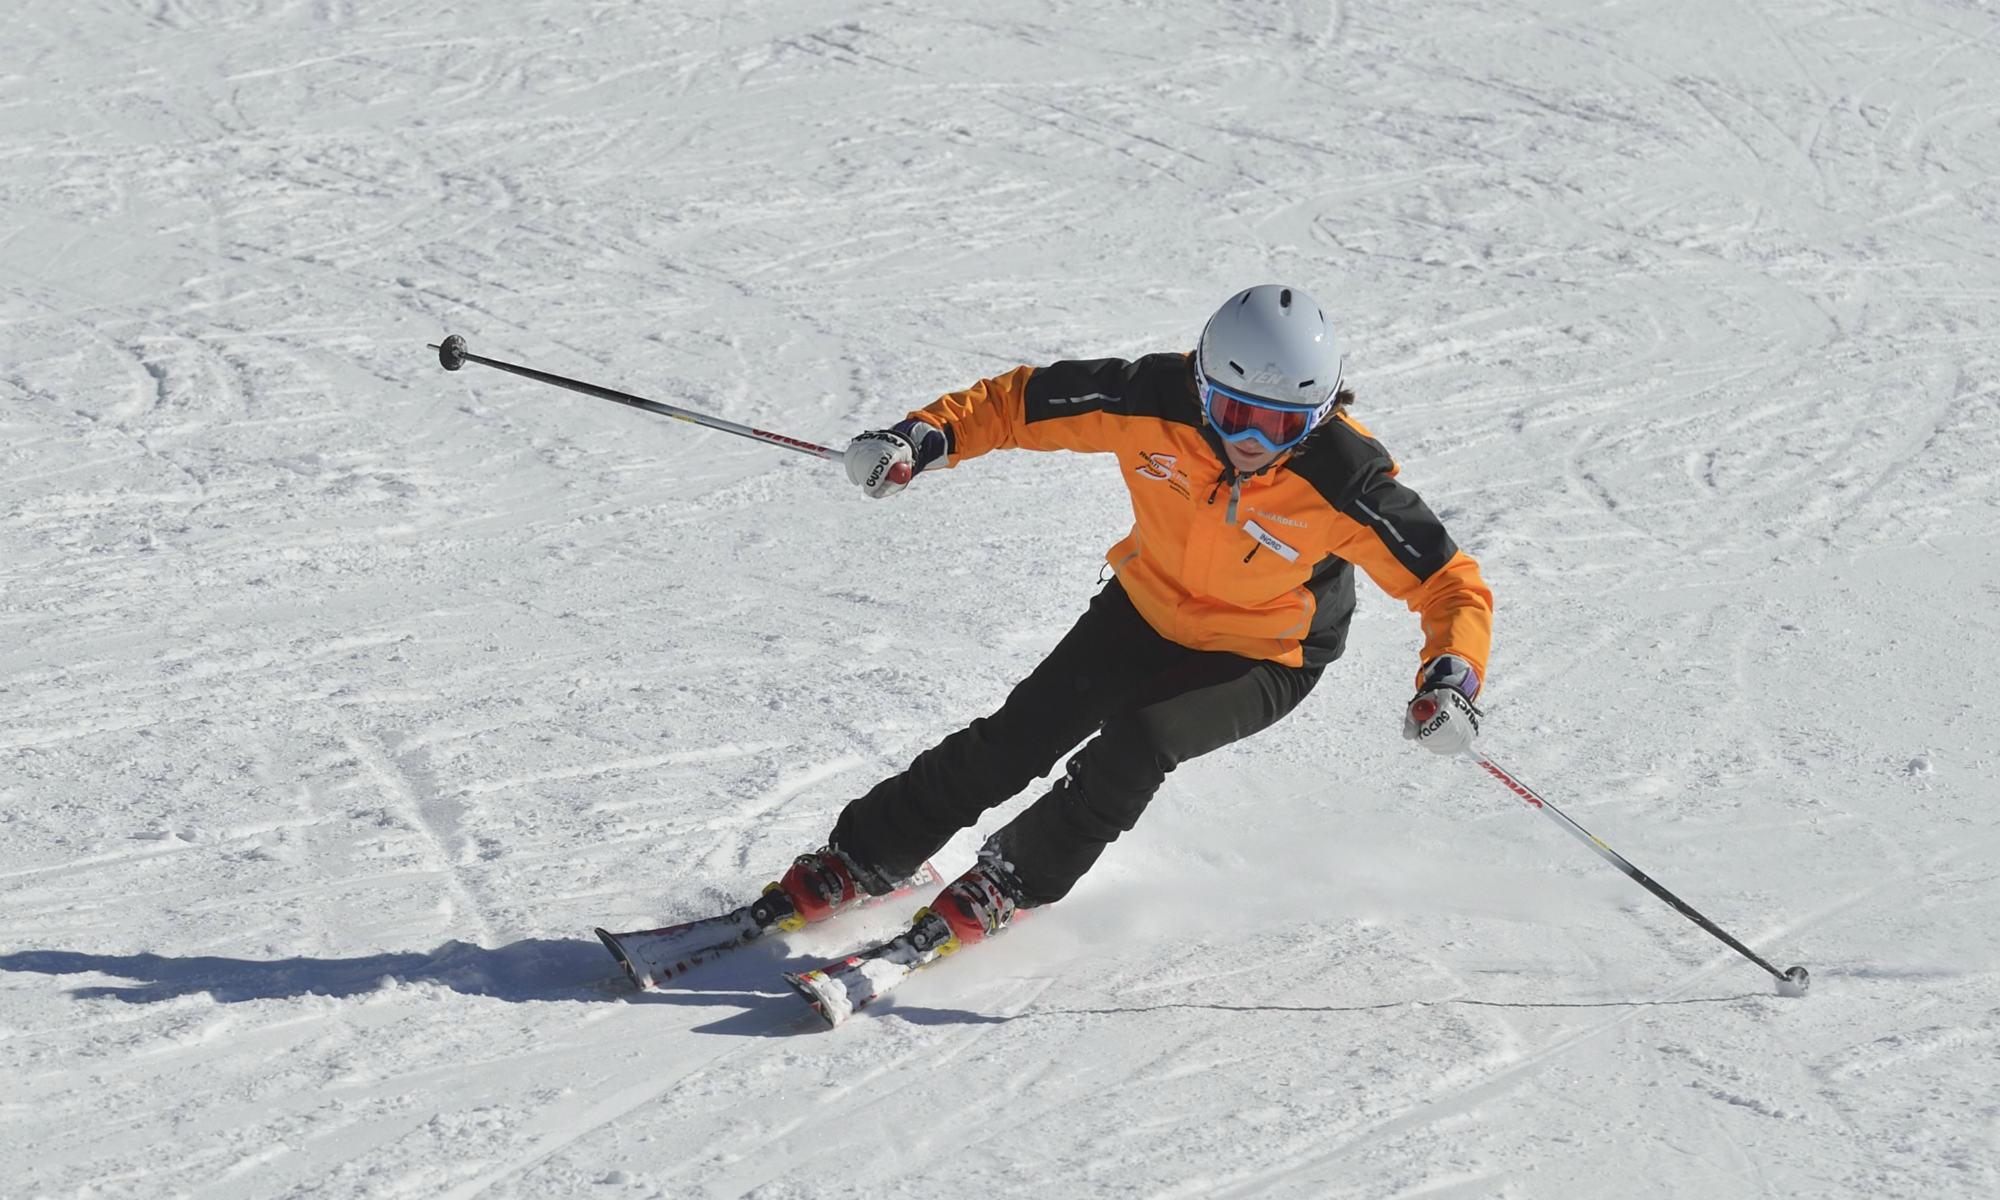 Un skieur fait la démonstration d'une bonne posture en ski alpin.